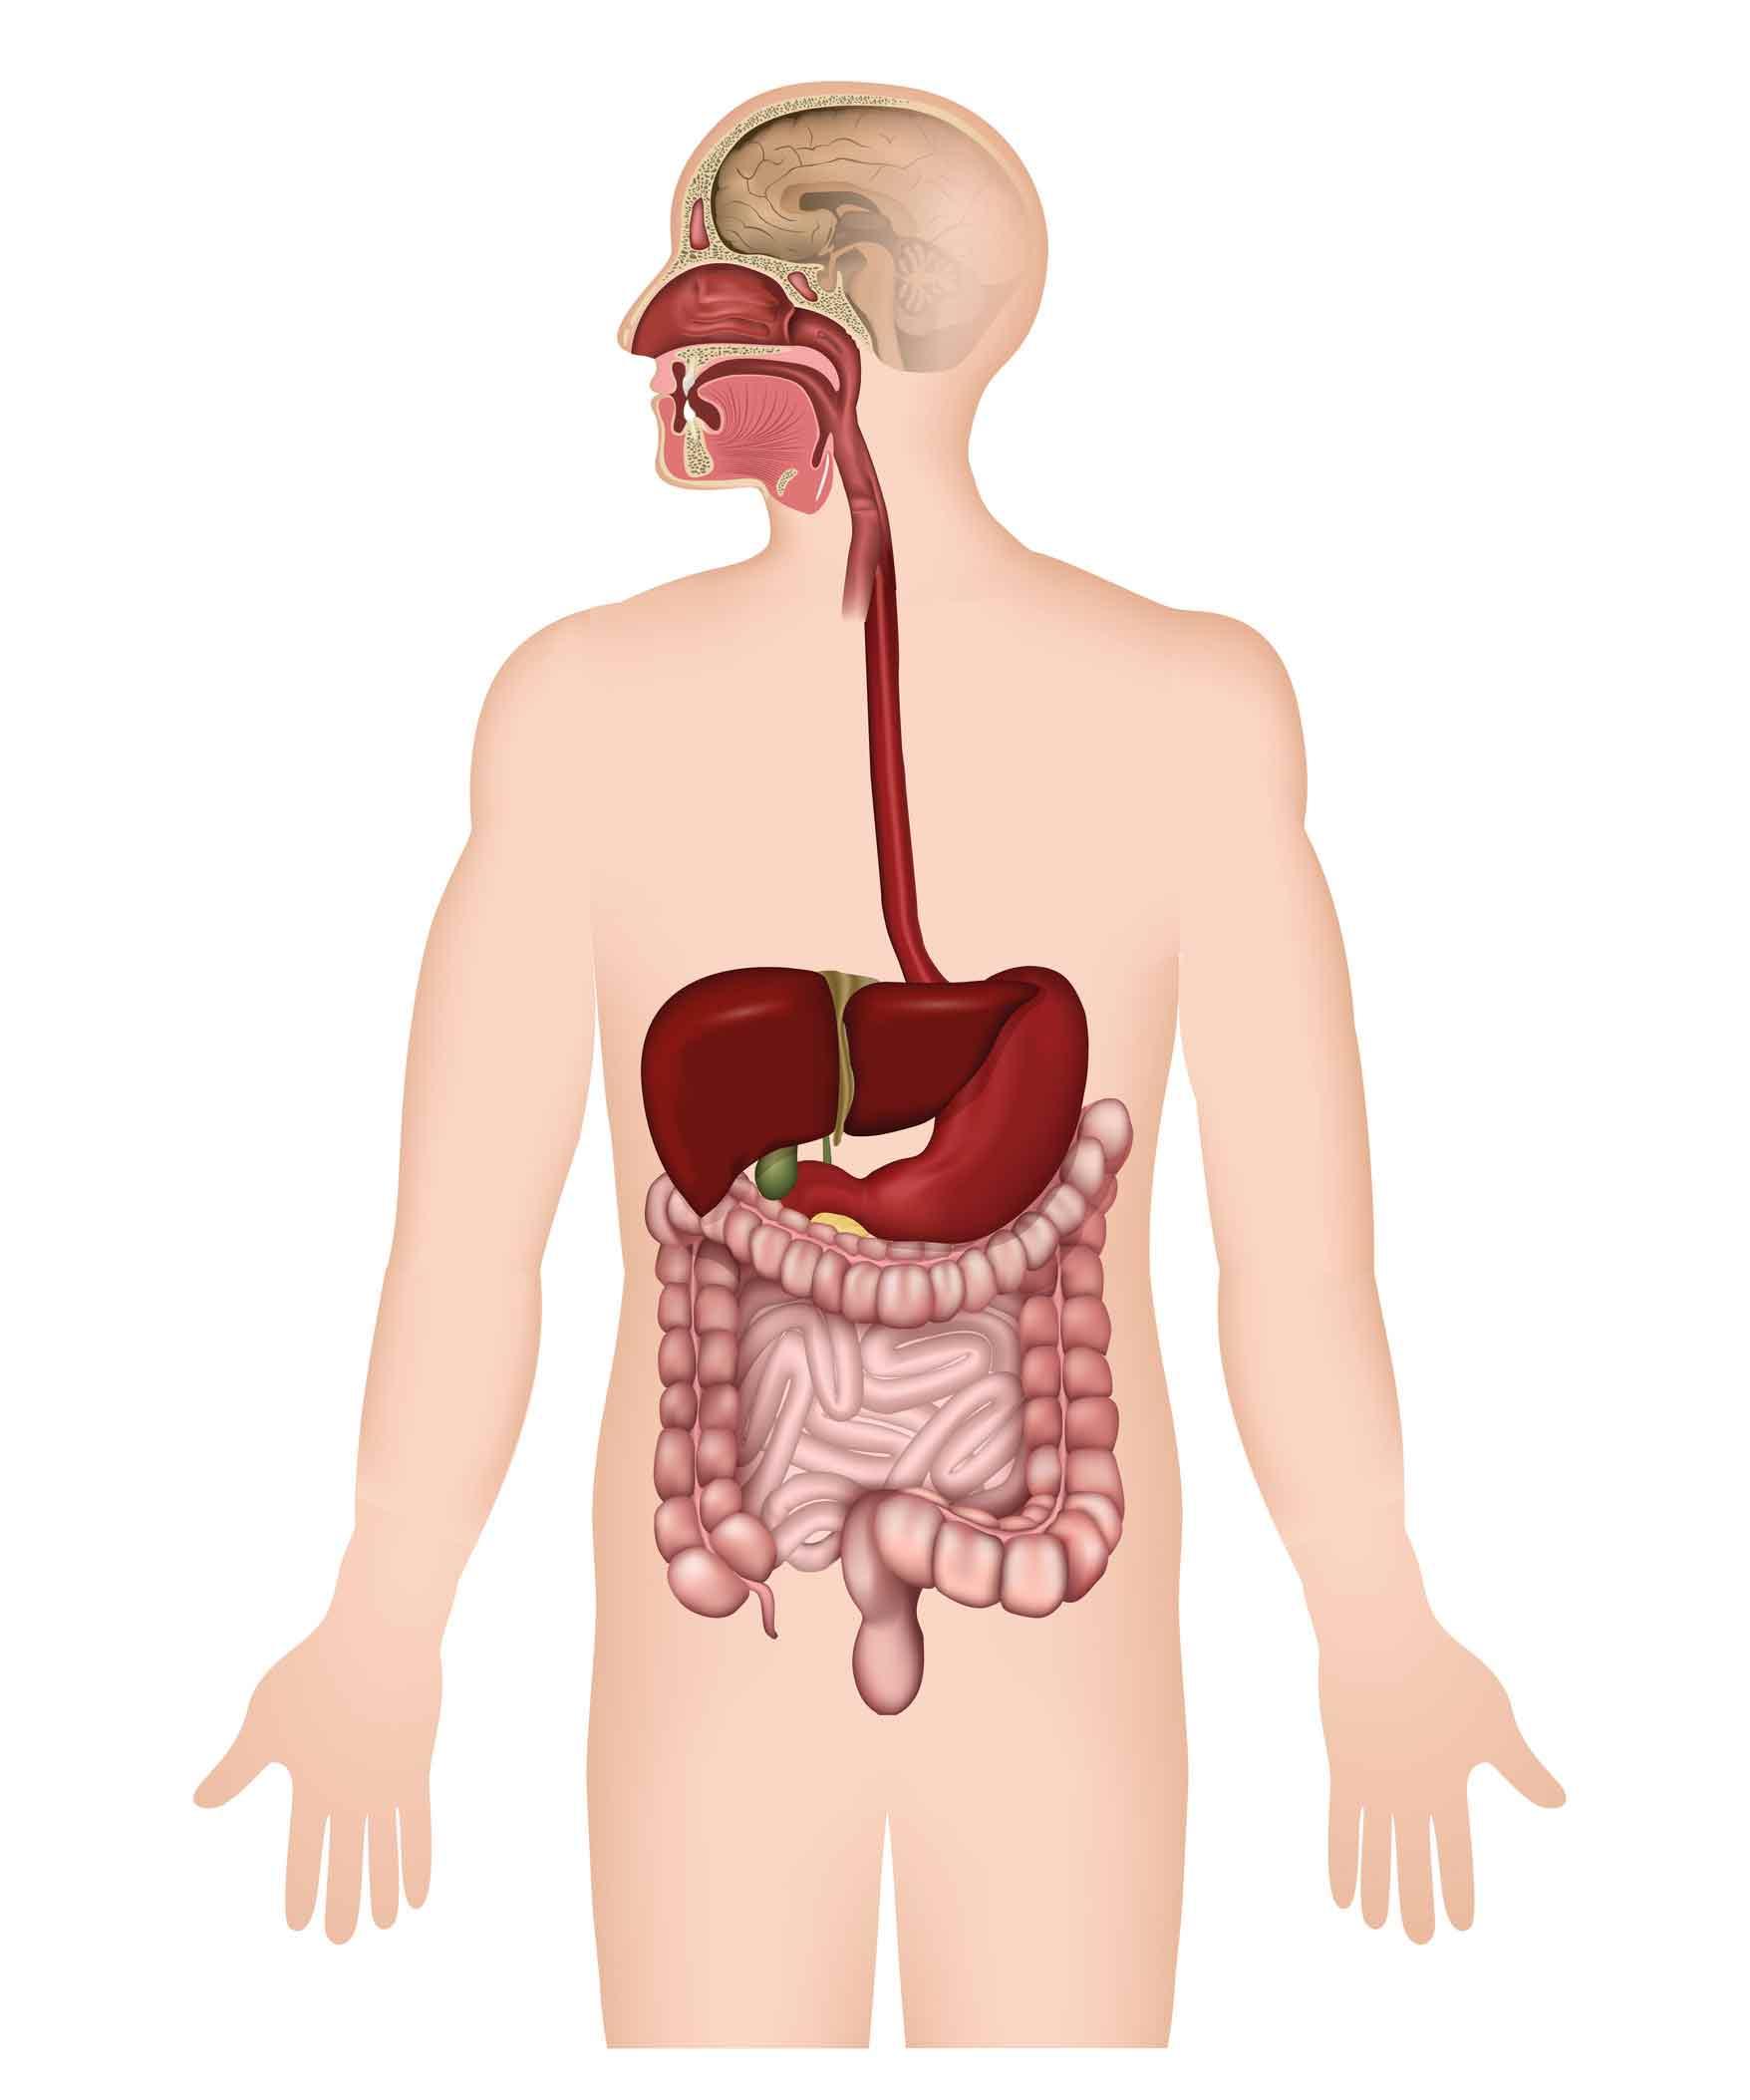 Erkrankungen des Magen-/ Darmtraktes Speiseröhre Magen Leber Galle ...